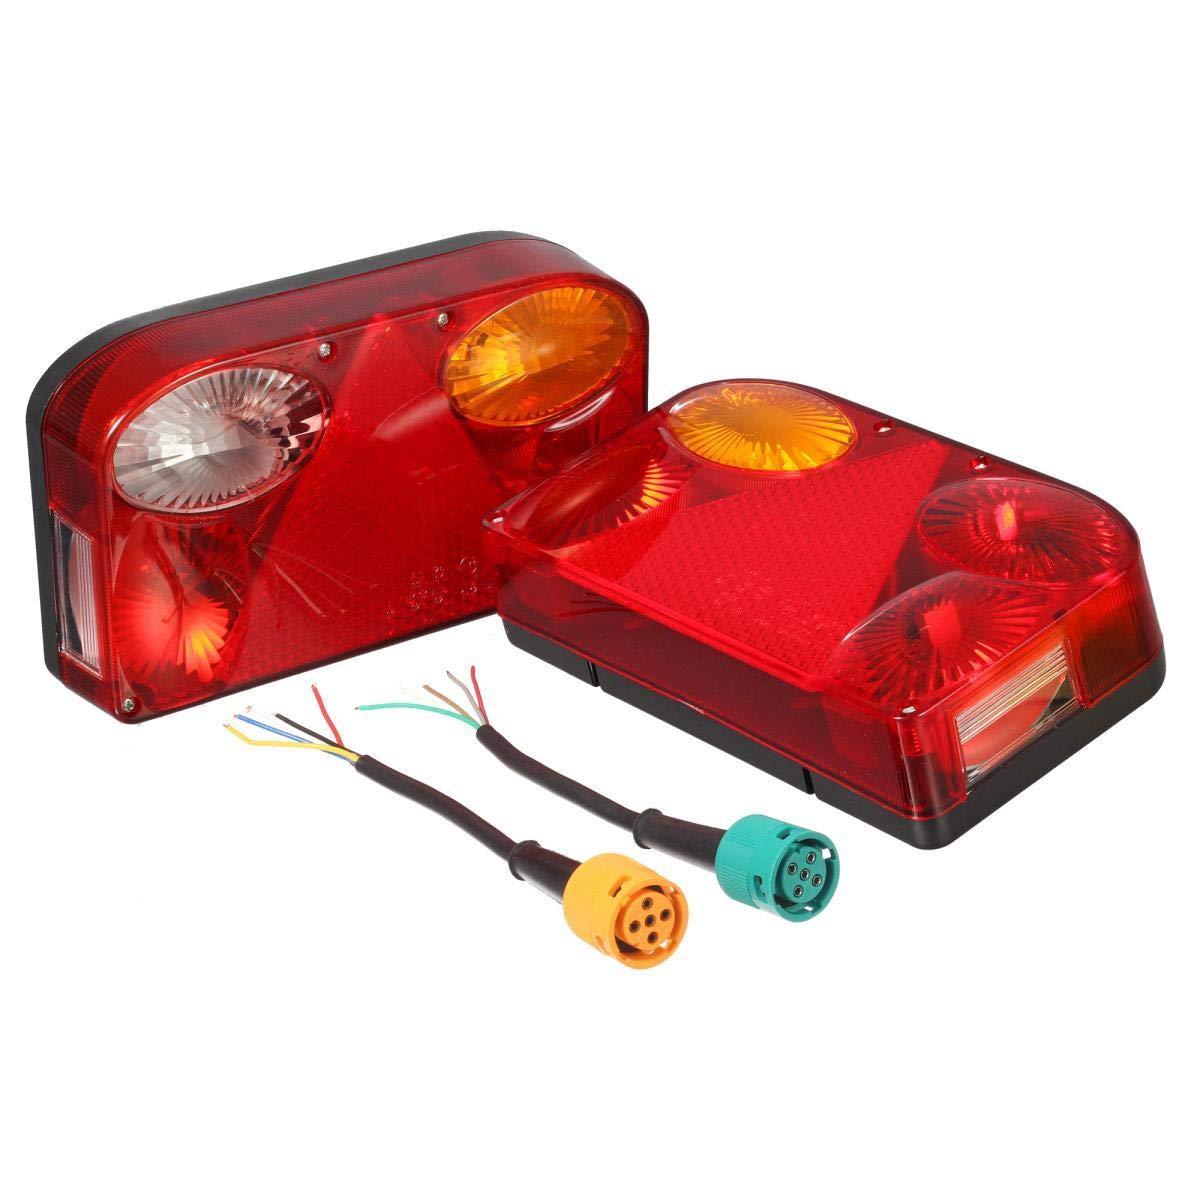 Luci Posteriori per Camion Kit di Cablaggio Illuminazione dellindicatore Lampada del Freno con Cavo a 5 Poli per Rimorchio Camion Caravan o Camion PARTSAM Set di Fanali per Rimorchio 12V